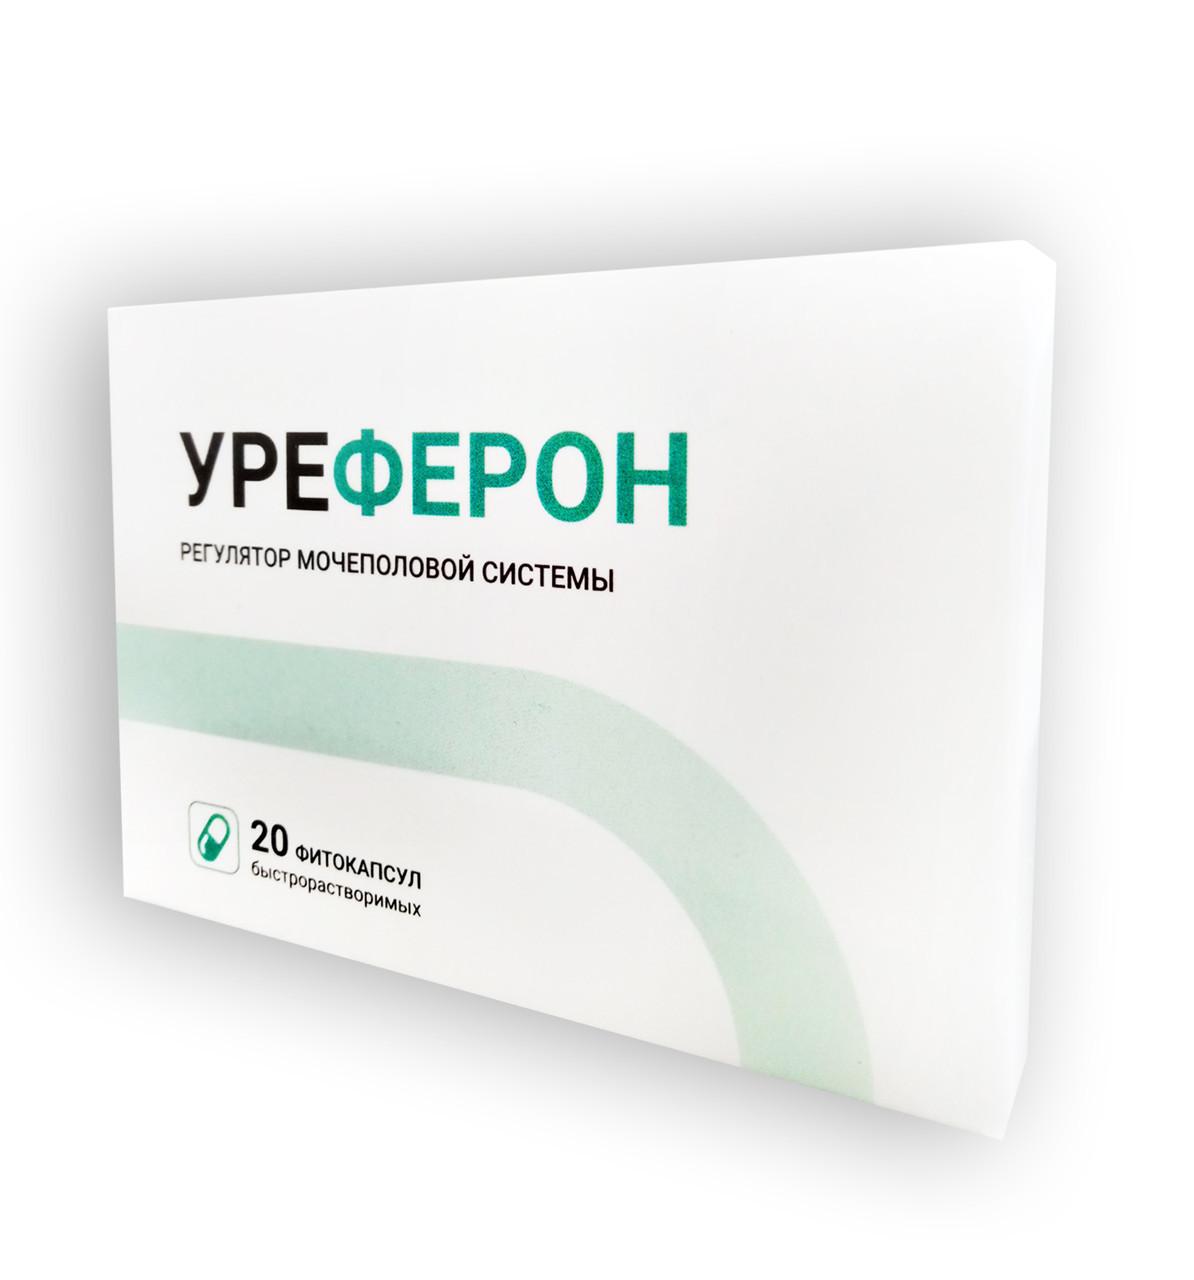 Капсулы Уреферон - эффективное средство от простатита, цистита, уретрита и других недугов мочеполовой системы